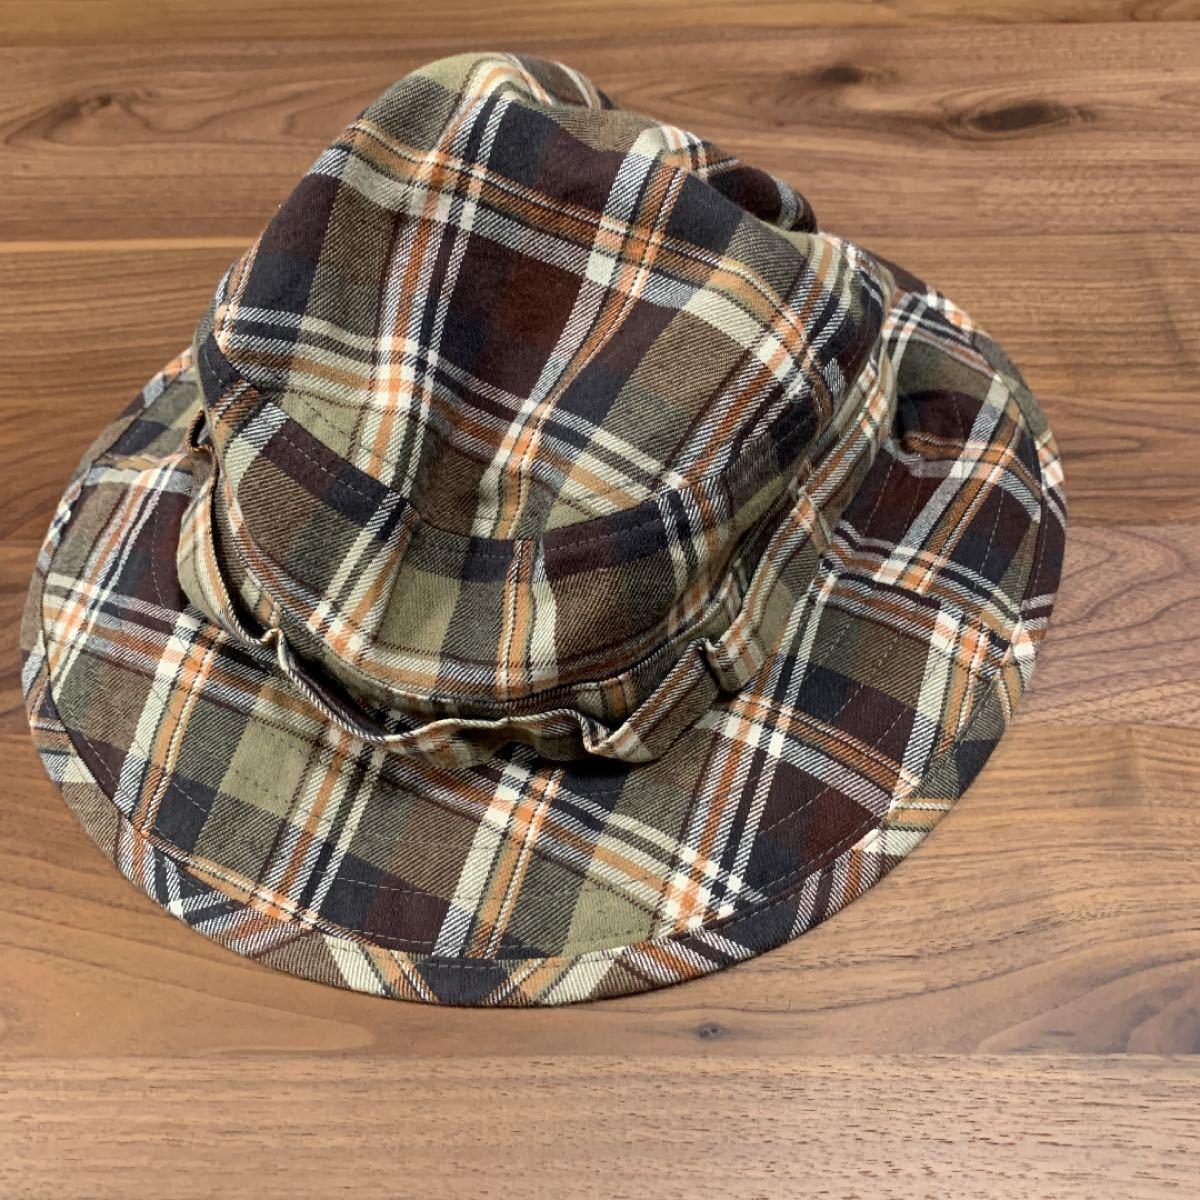 コロンビア 帽子 ハット 登山用